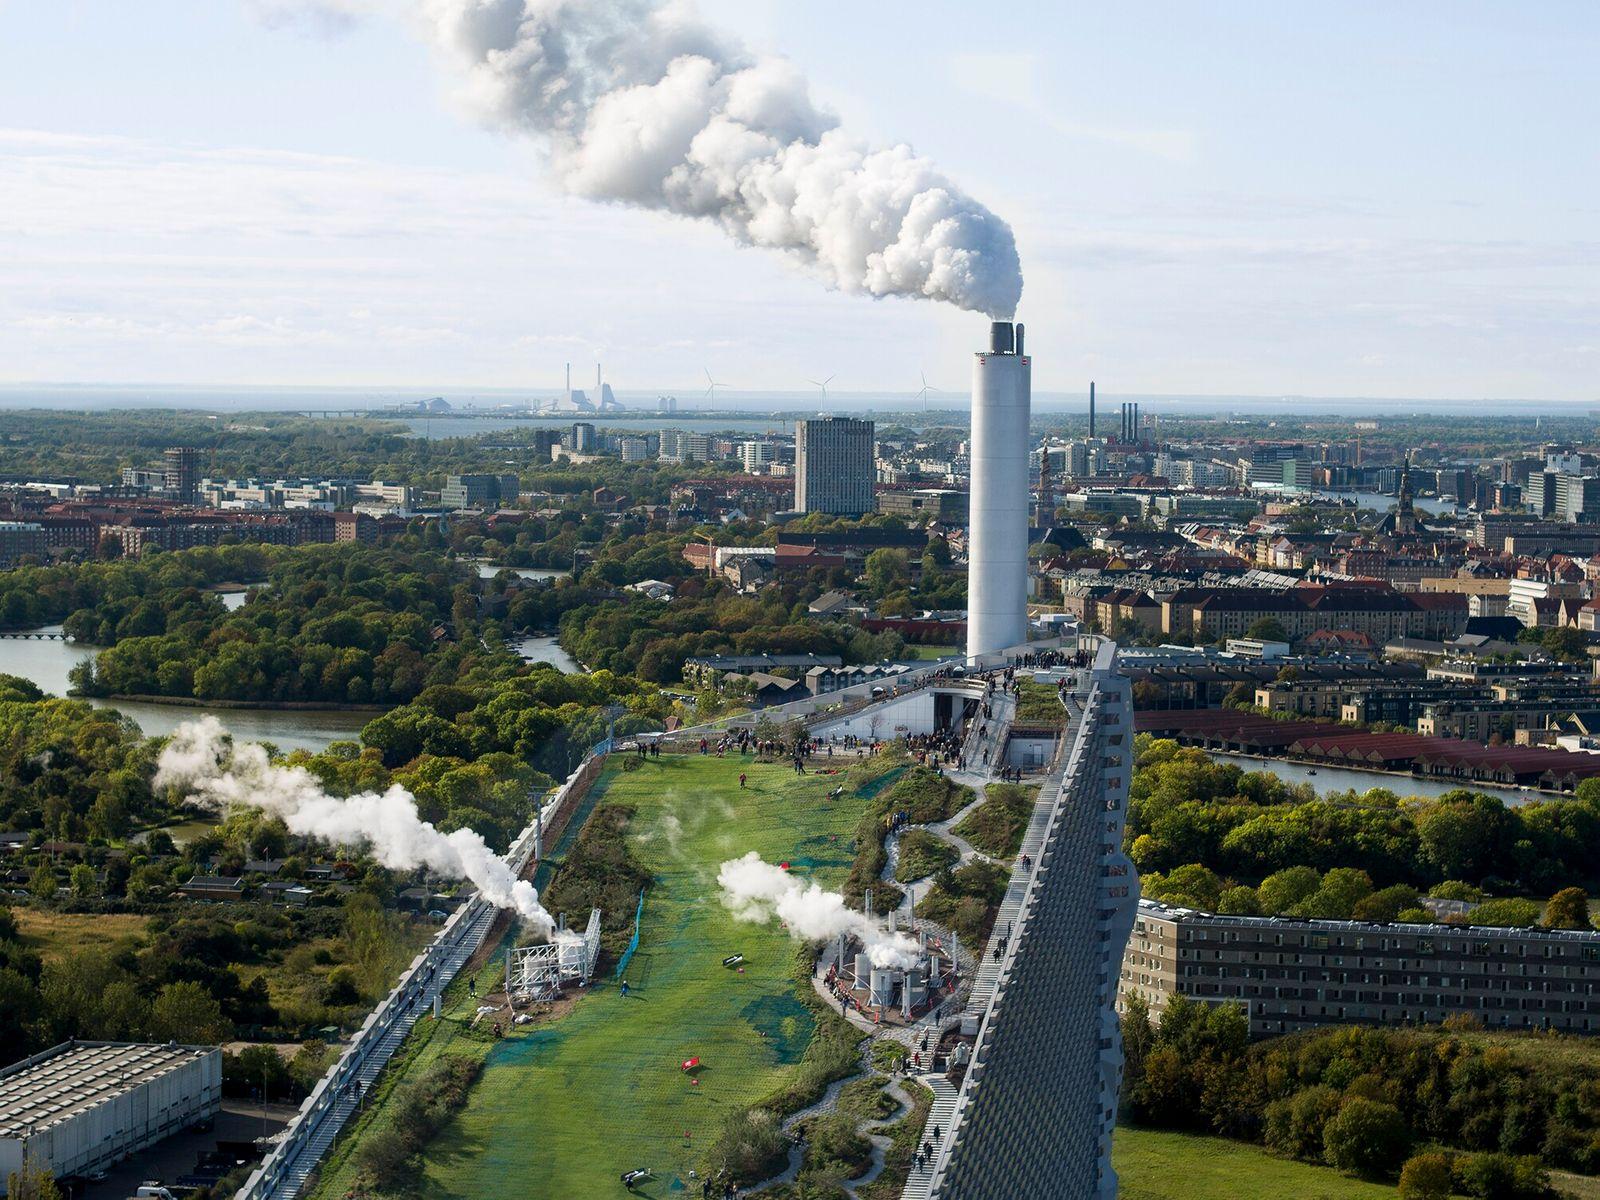 Copenhague, Dinamarca   CopenHill, considerada uma das usinas de transformação de resíduos em energia mais limpas ...